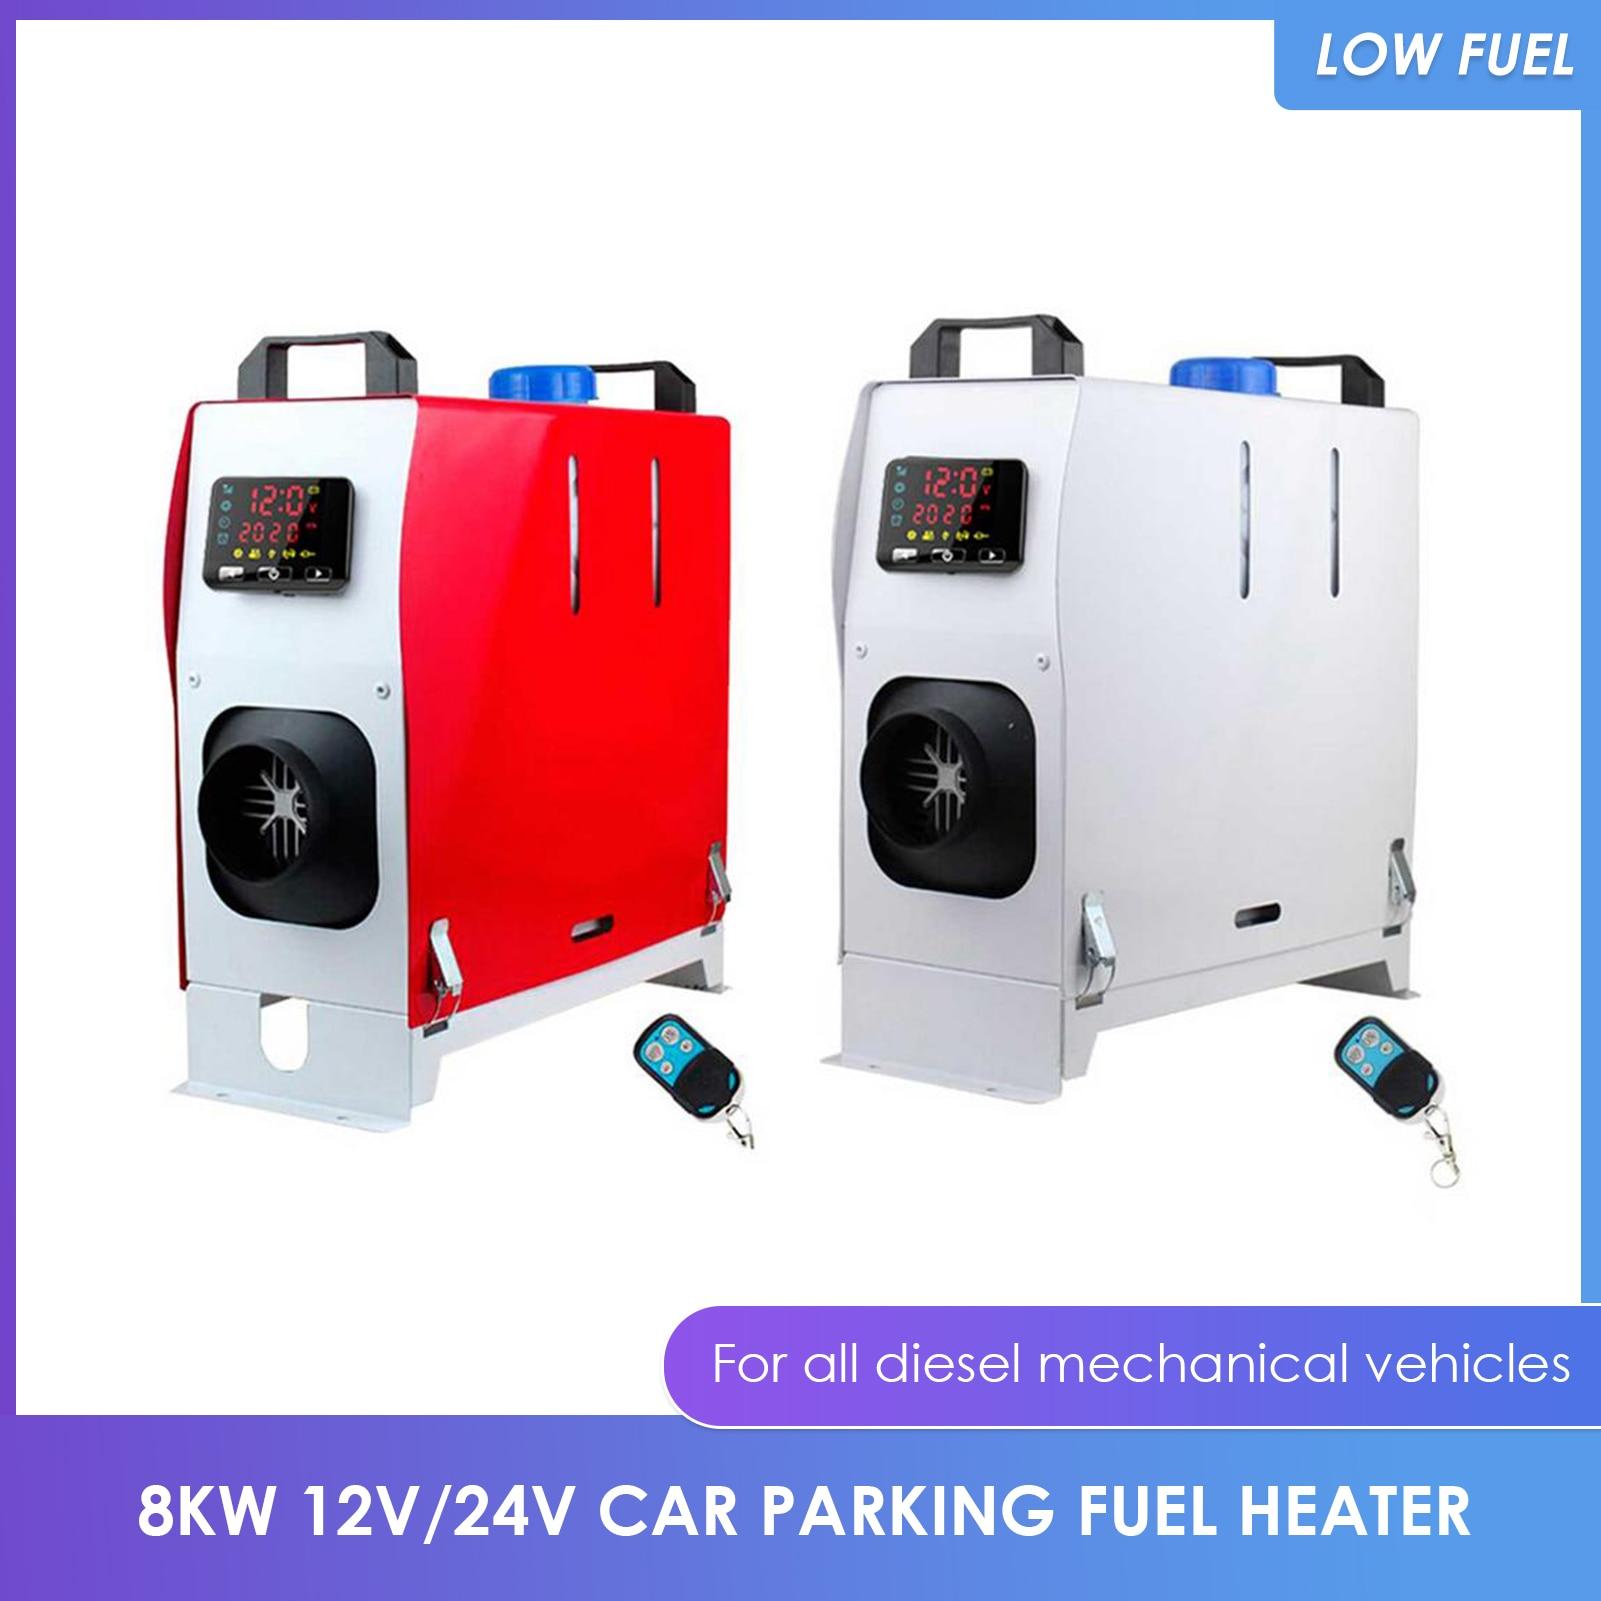 Все в одном 12 В 8 кВт автомобильный обогреватель с ЖК дисплеем низкий расход топлива Воздушный дизельный Обогреватель с дистанционным управлением автономный обогреватель 12 В Webasto|Обогрев и вентиляторы|   | АлиЭкспресс